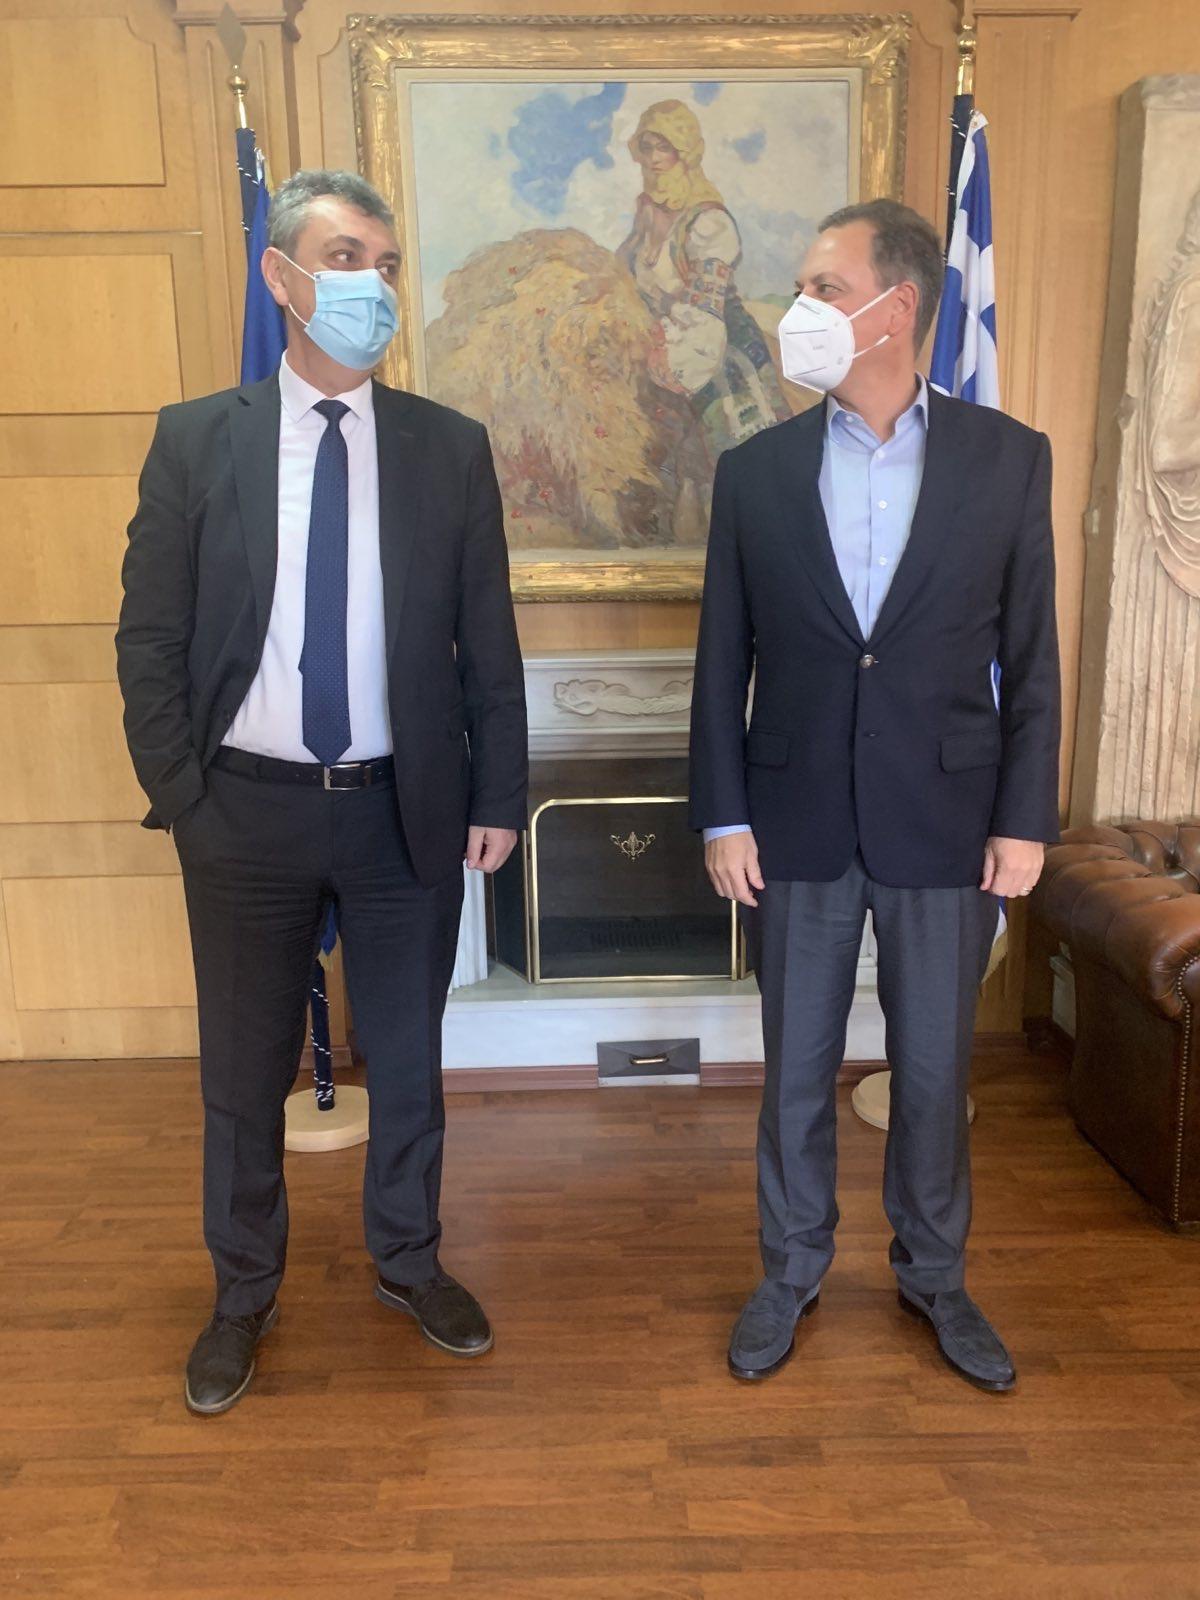 Συνάντηση με τον Υπουργό ΥΠΑΤ Σπήλιο Λιβανό είχε ο Γιώργος Κωτσός 3/2/21